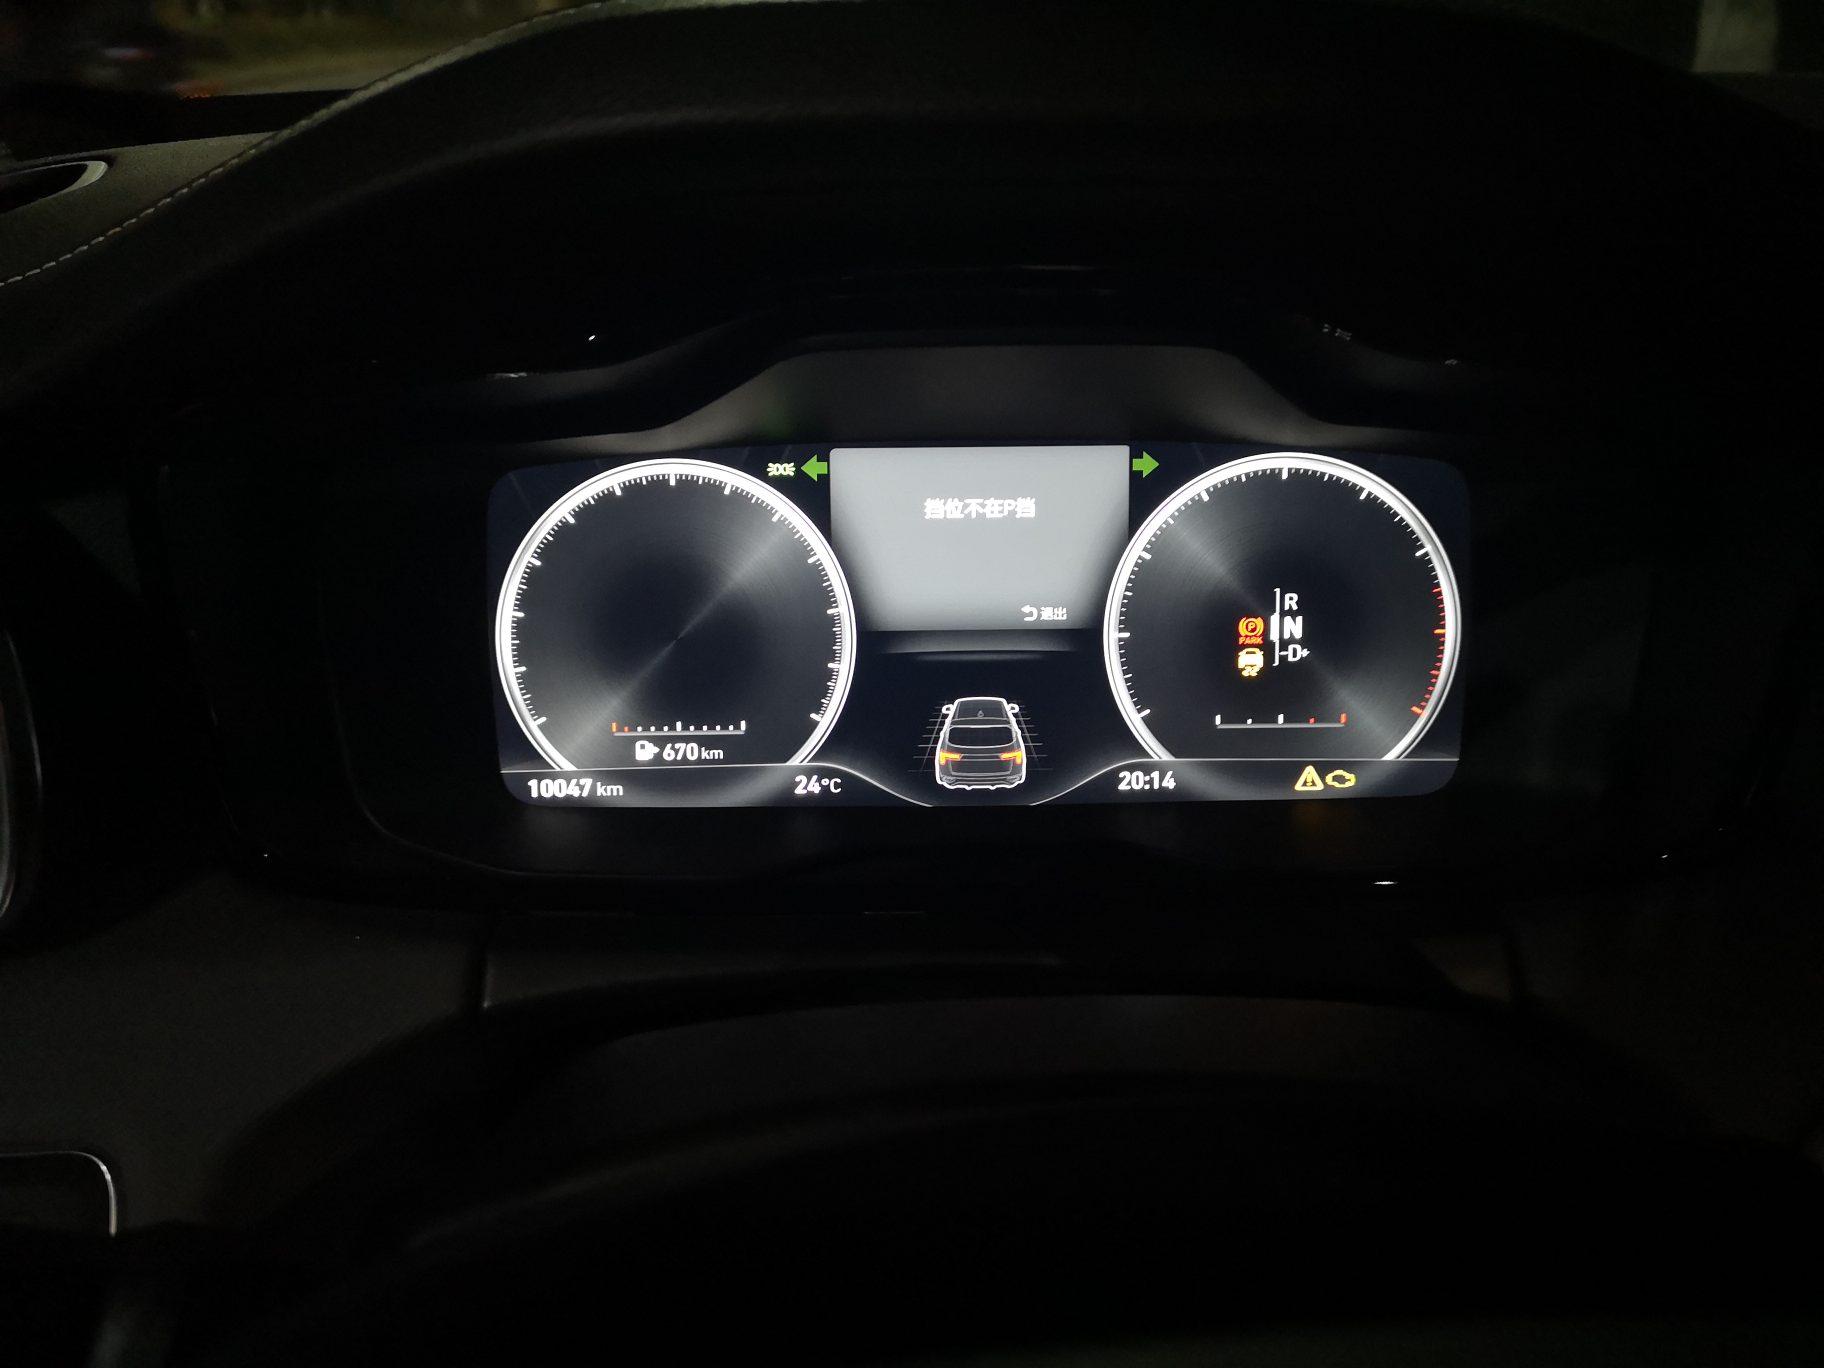 领克-领克01 购车一年行驶1万公里,连续出现2起安全故障